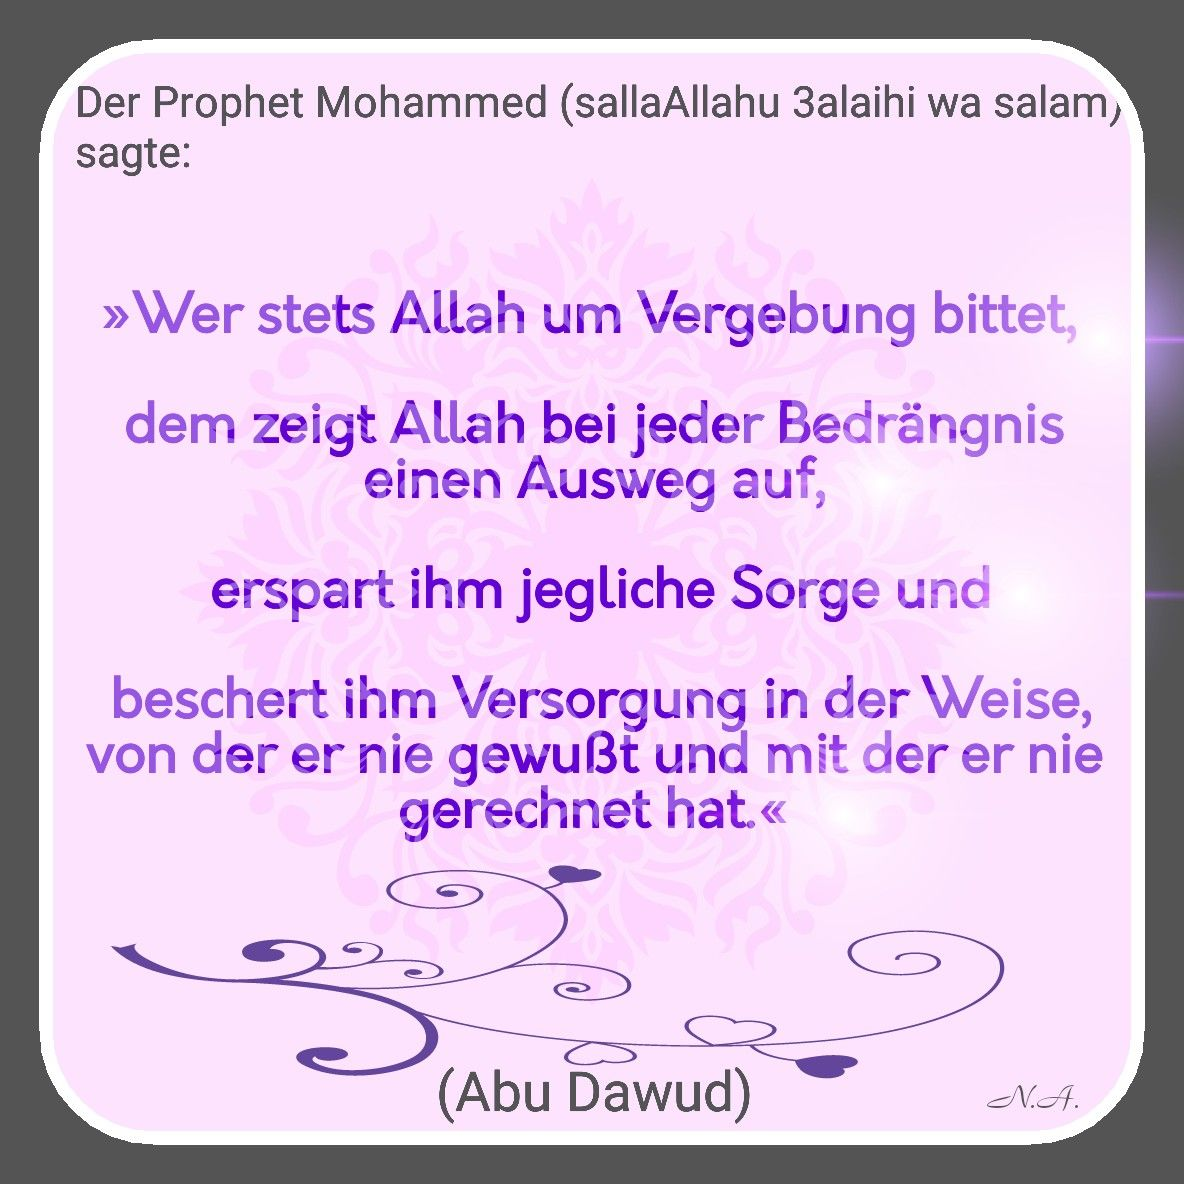 Allahs Vergebung   Um vergebung bitten, Vergebung, Der